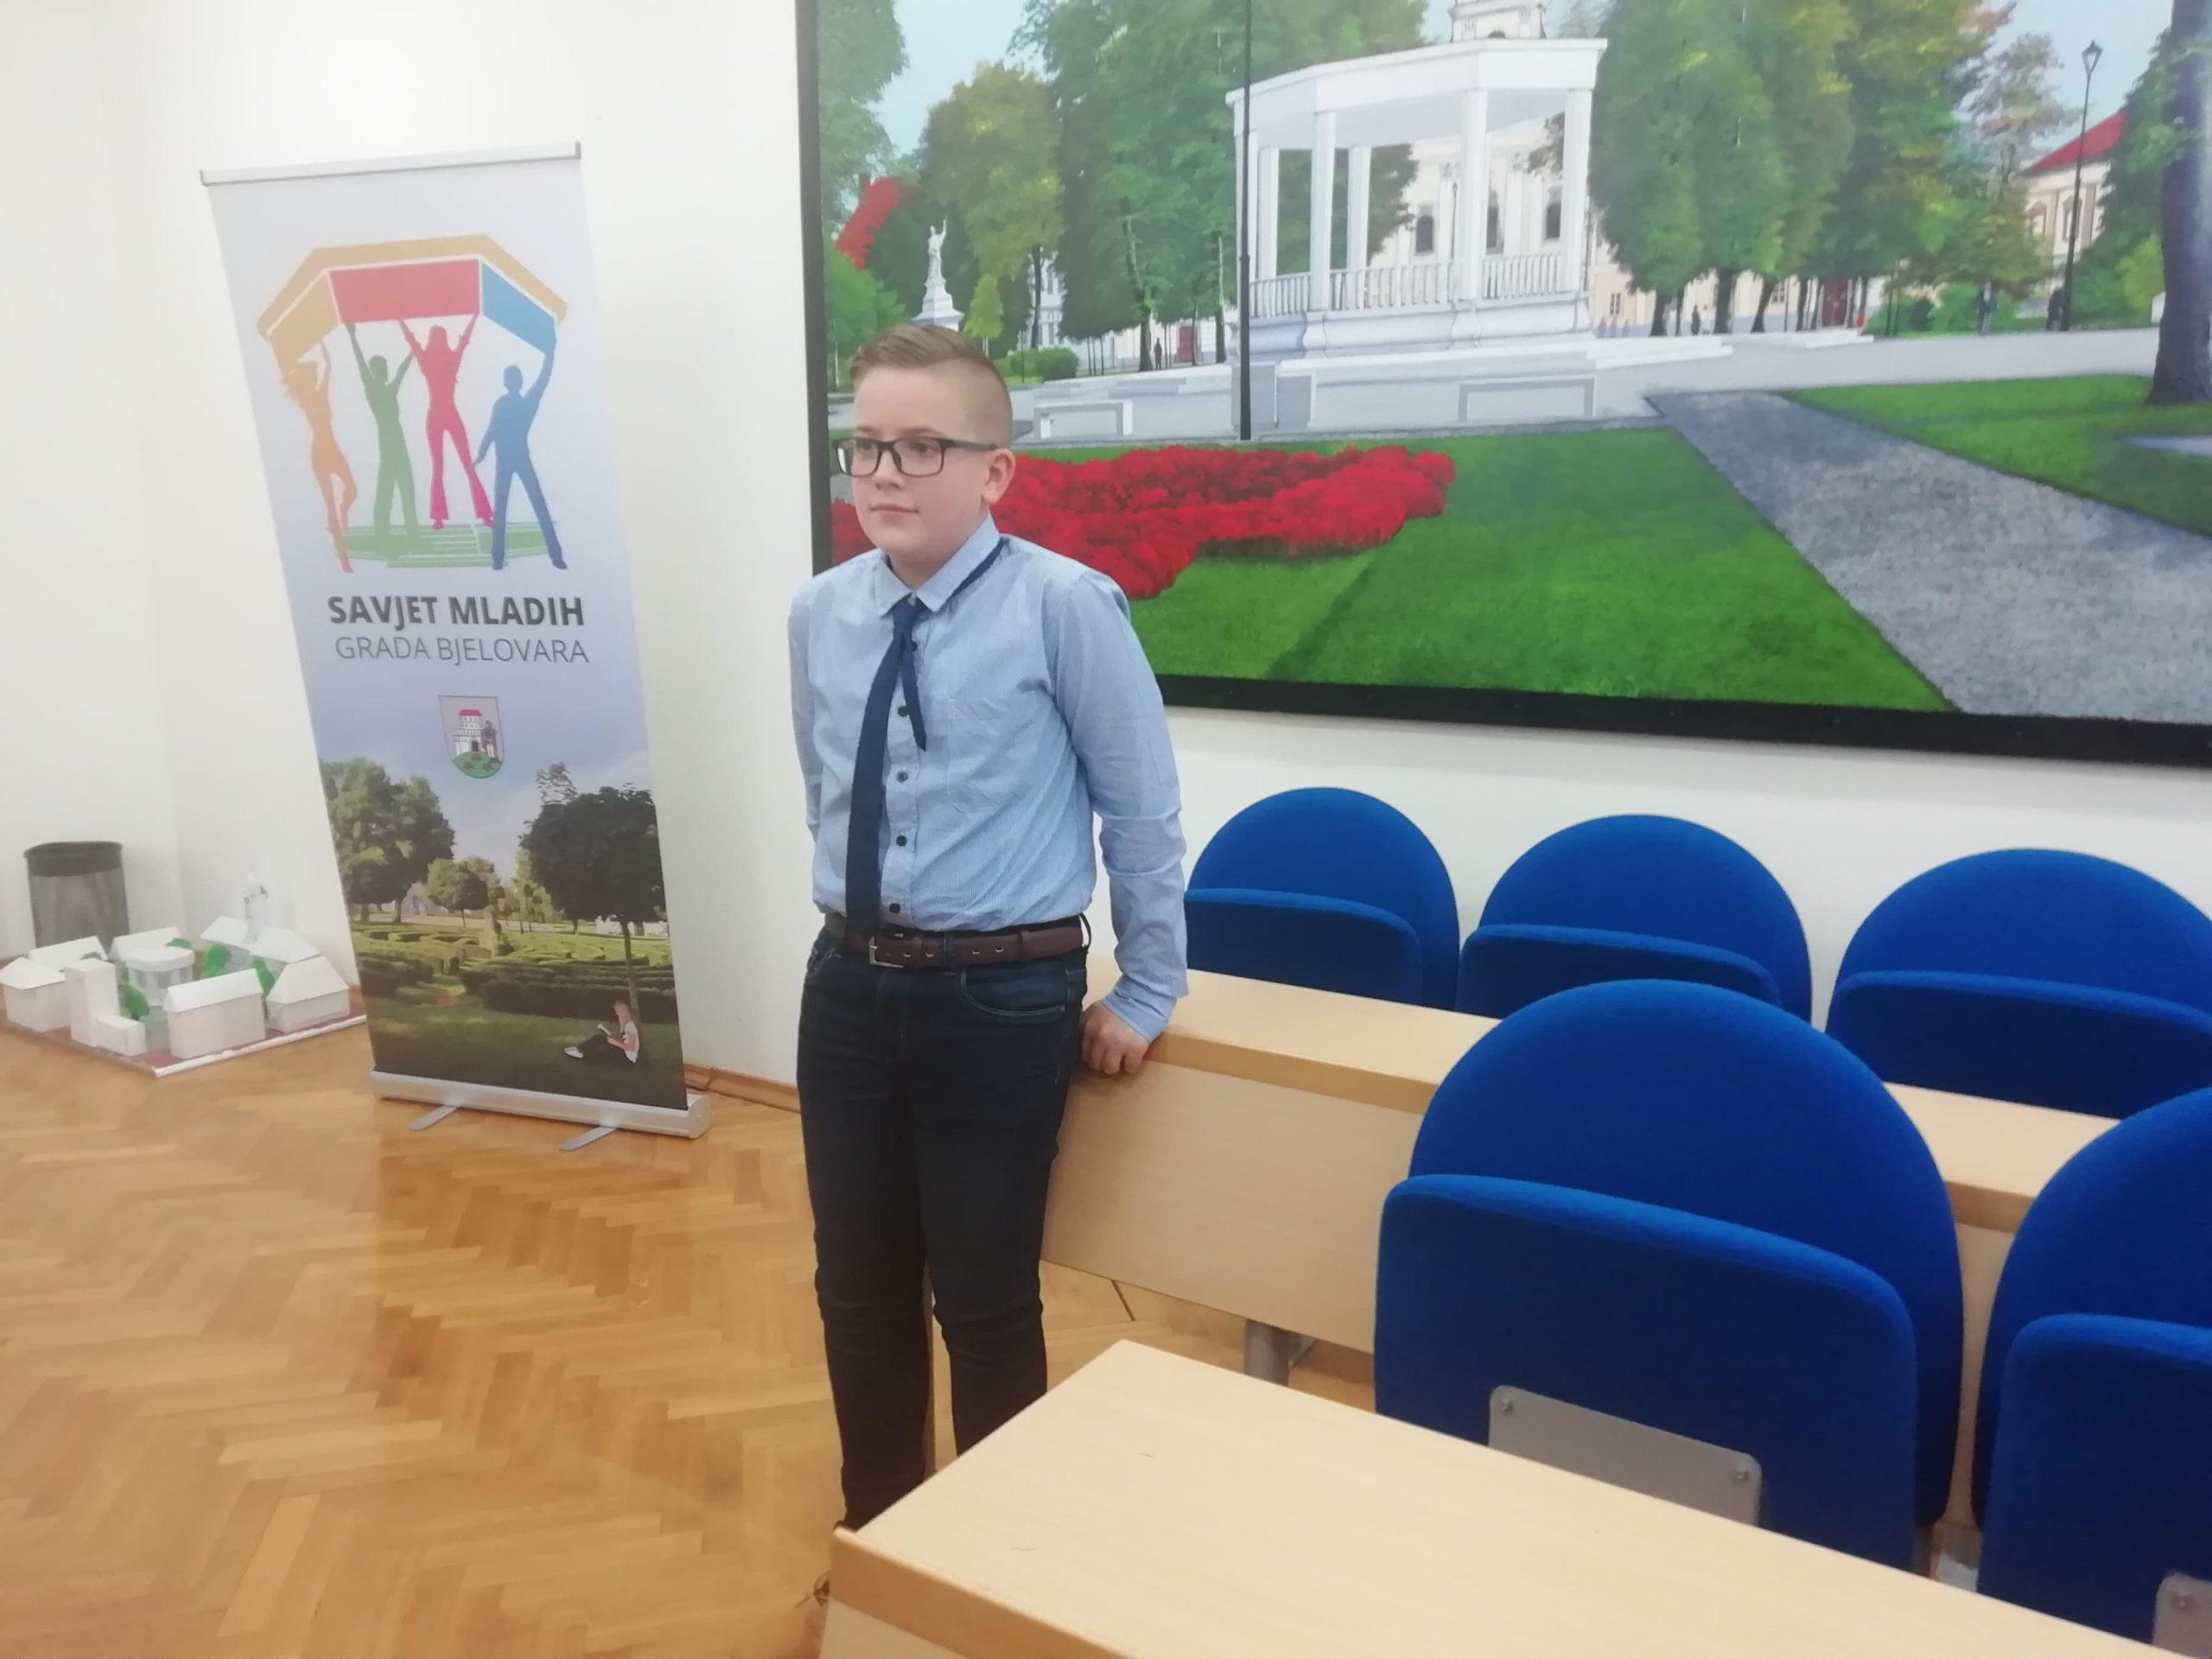 Dječji gradonačelnik Bjelovara Ivan Rukavina: Borit ću se protiv fizičkog i psihičkog zlostavljanja djece!